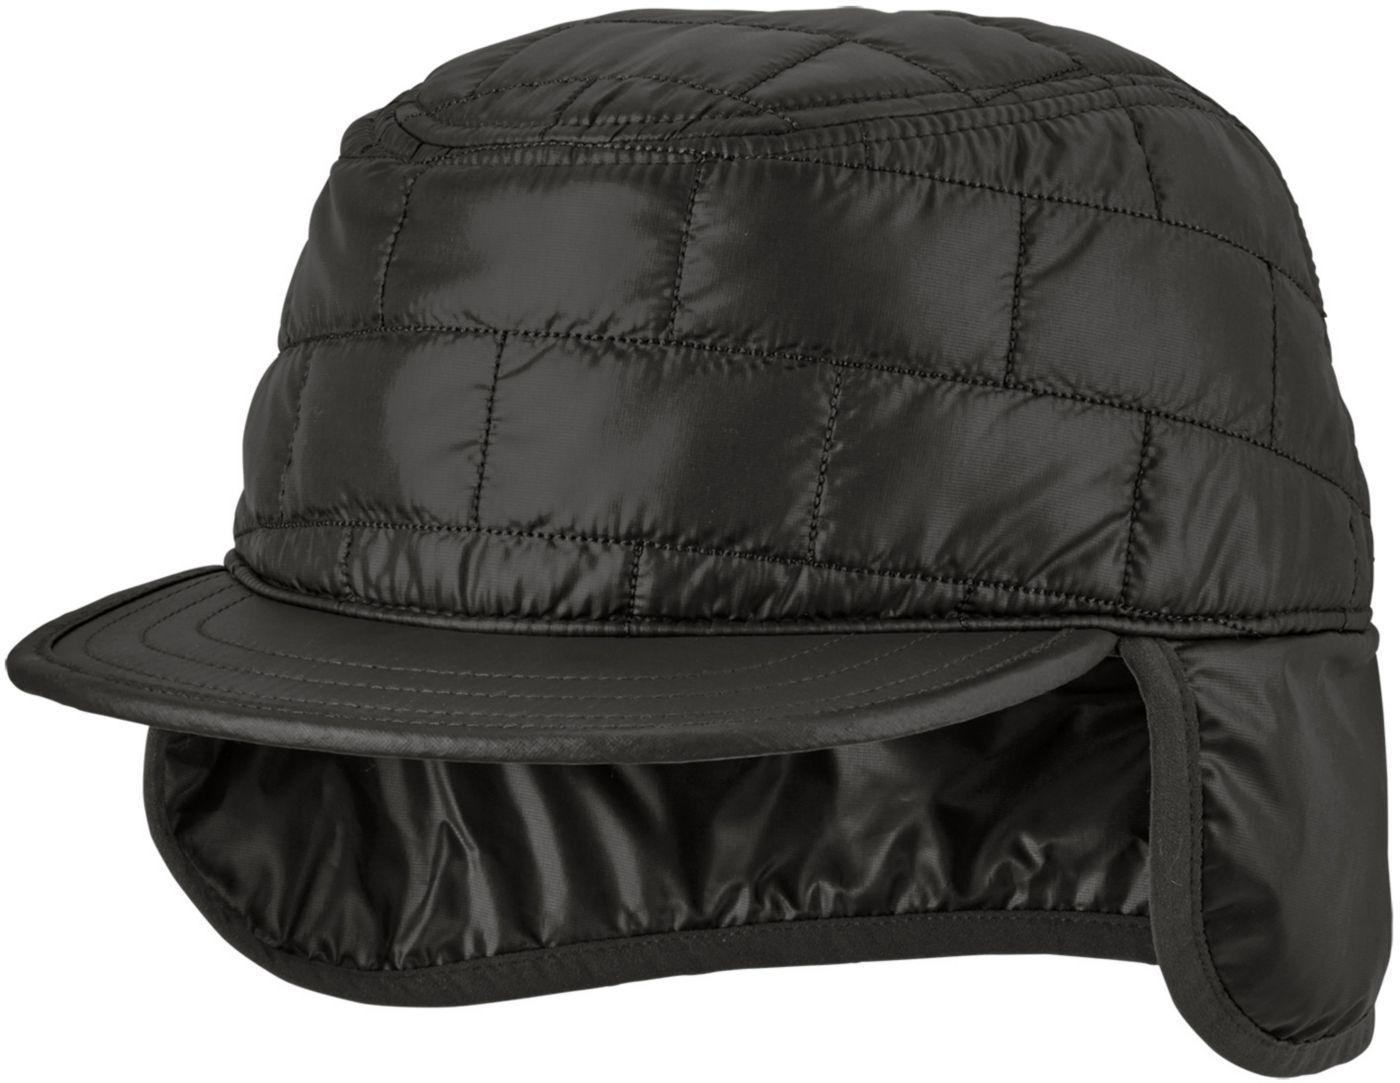 Patagonia Men's Nano Puff Earflap Hat